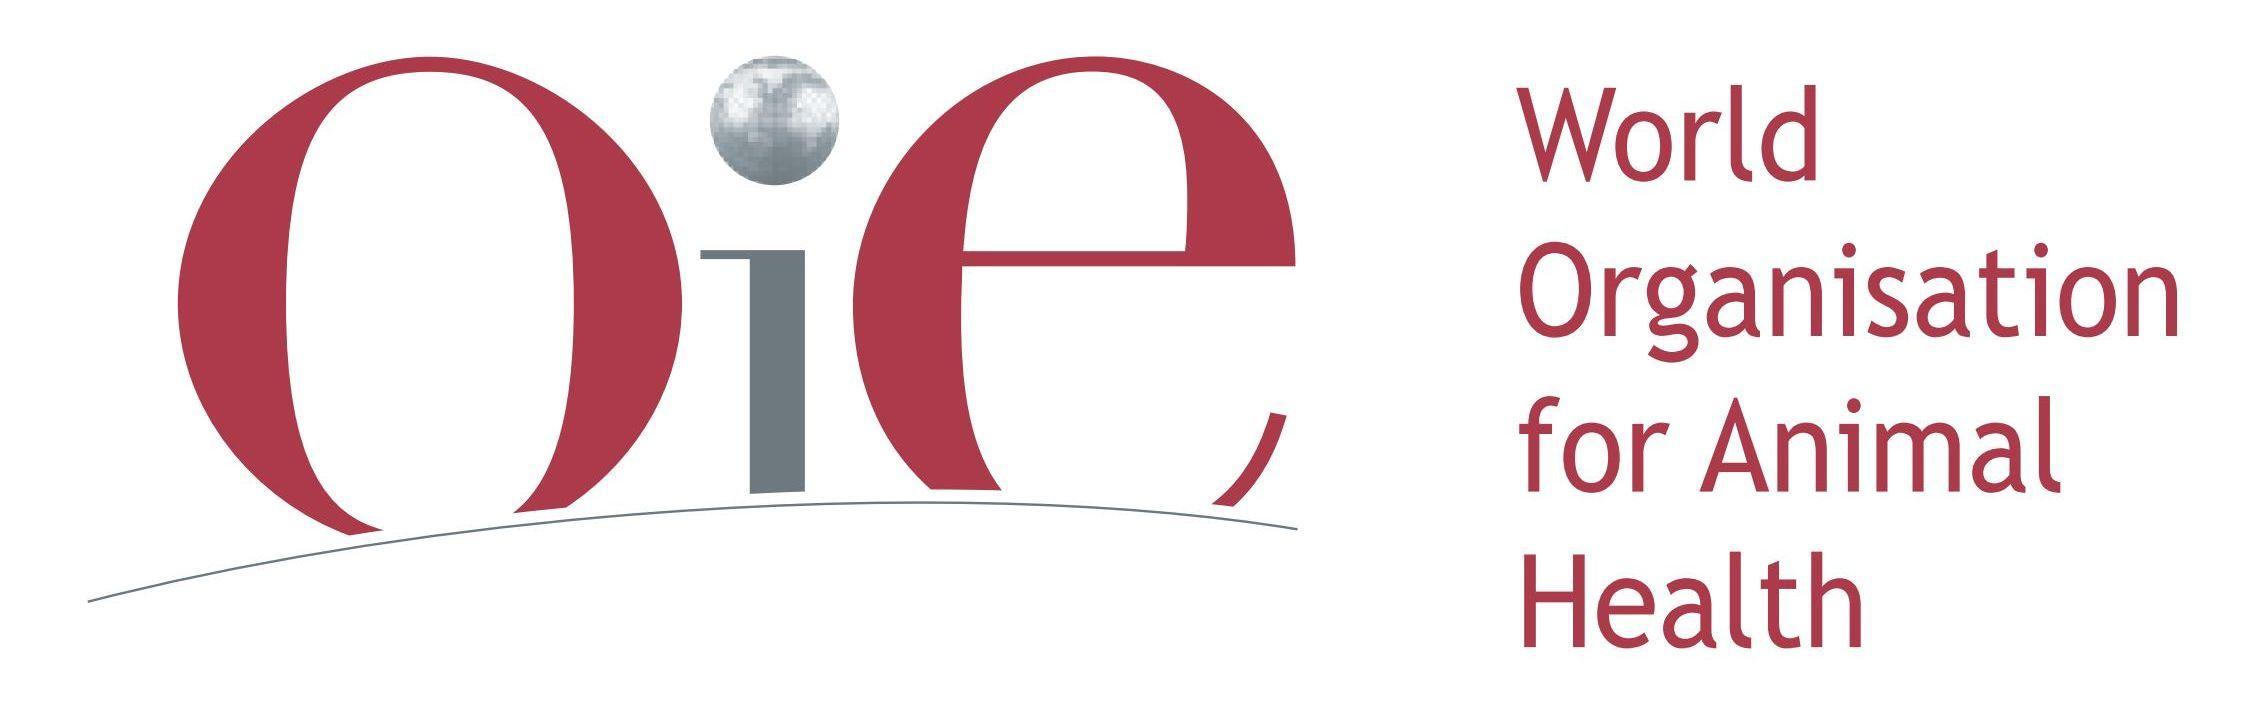 Oie World Organisation For Animal Health Logo Eps Pdf In 2021 Pet Health Health Logo Health